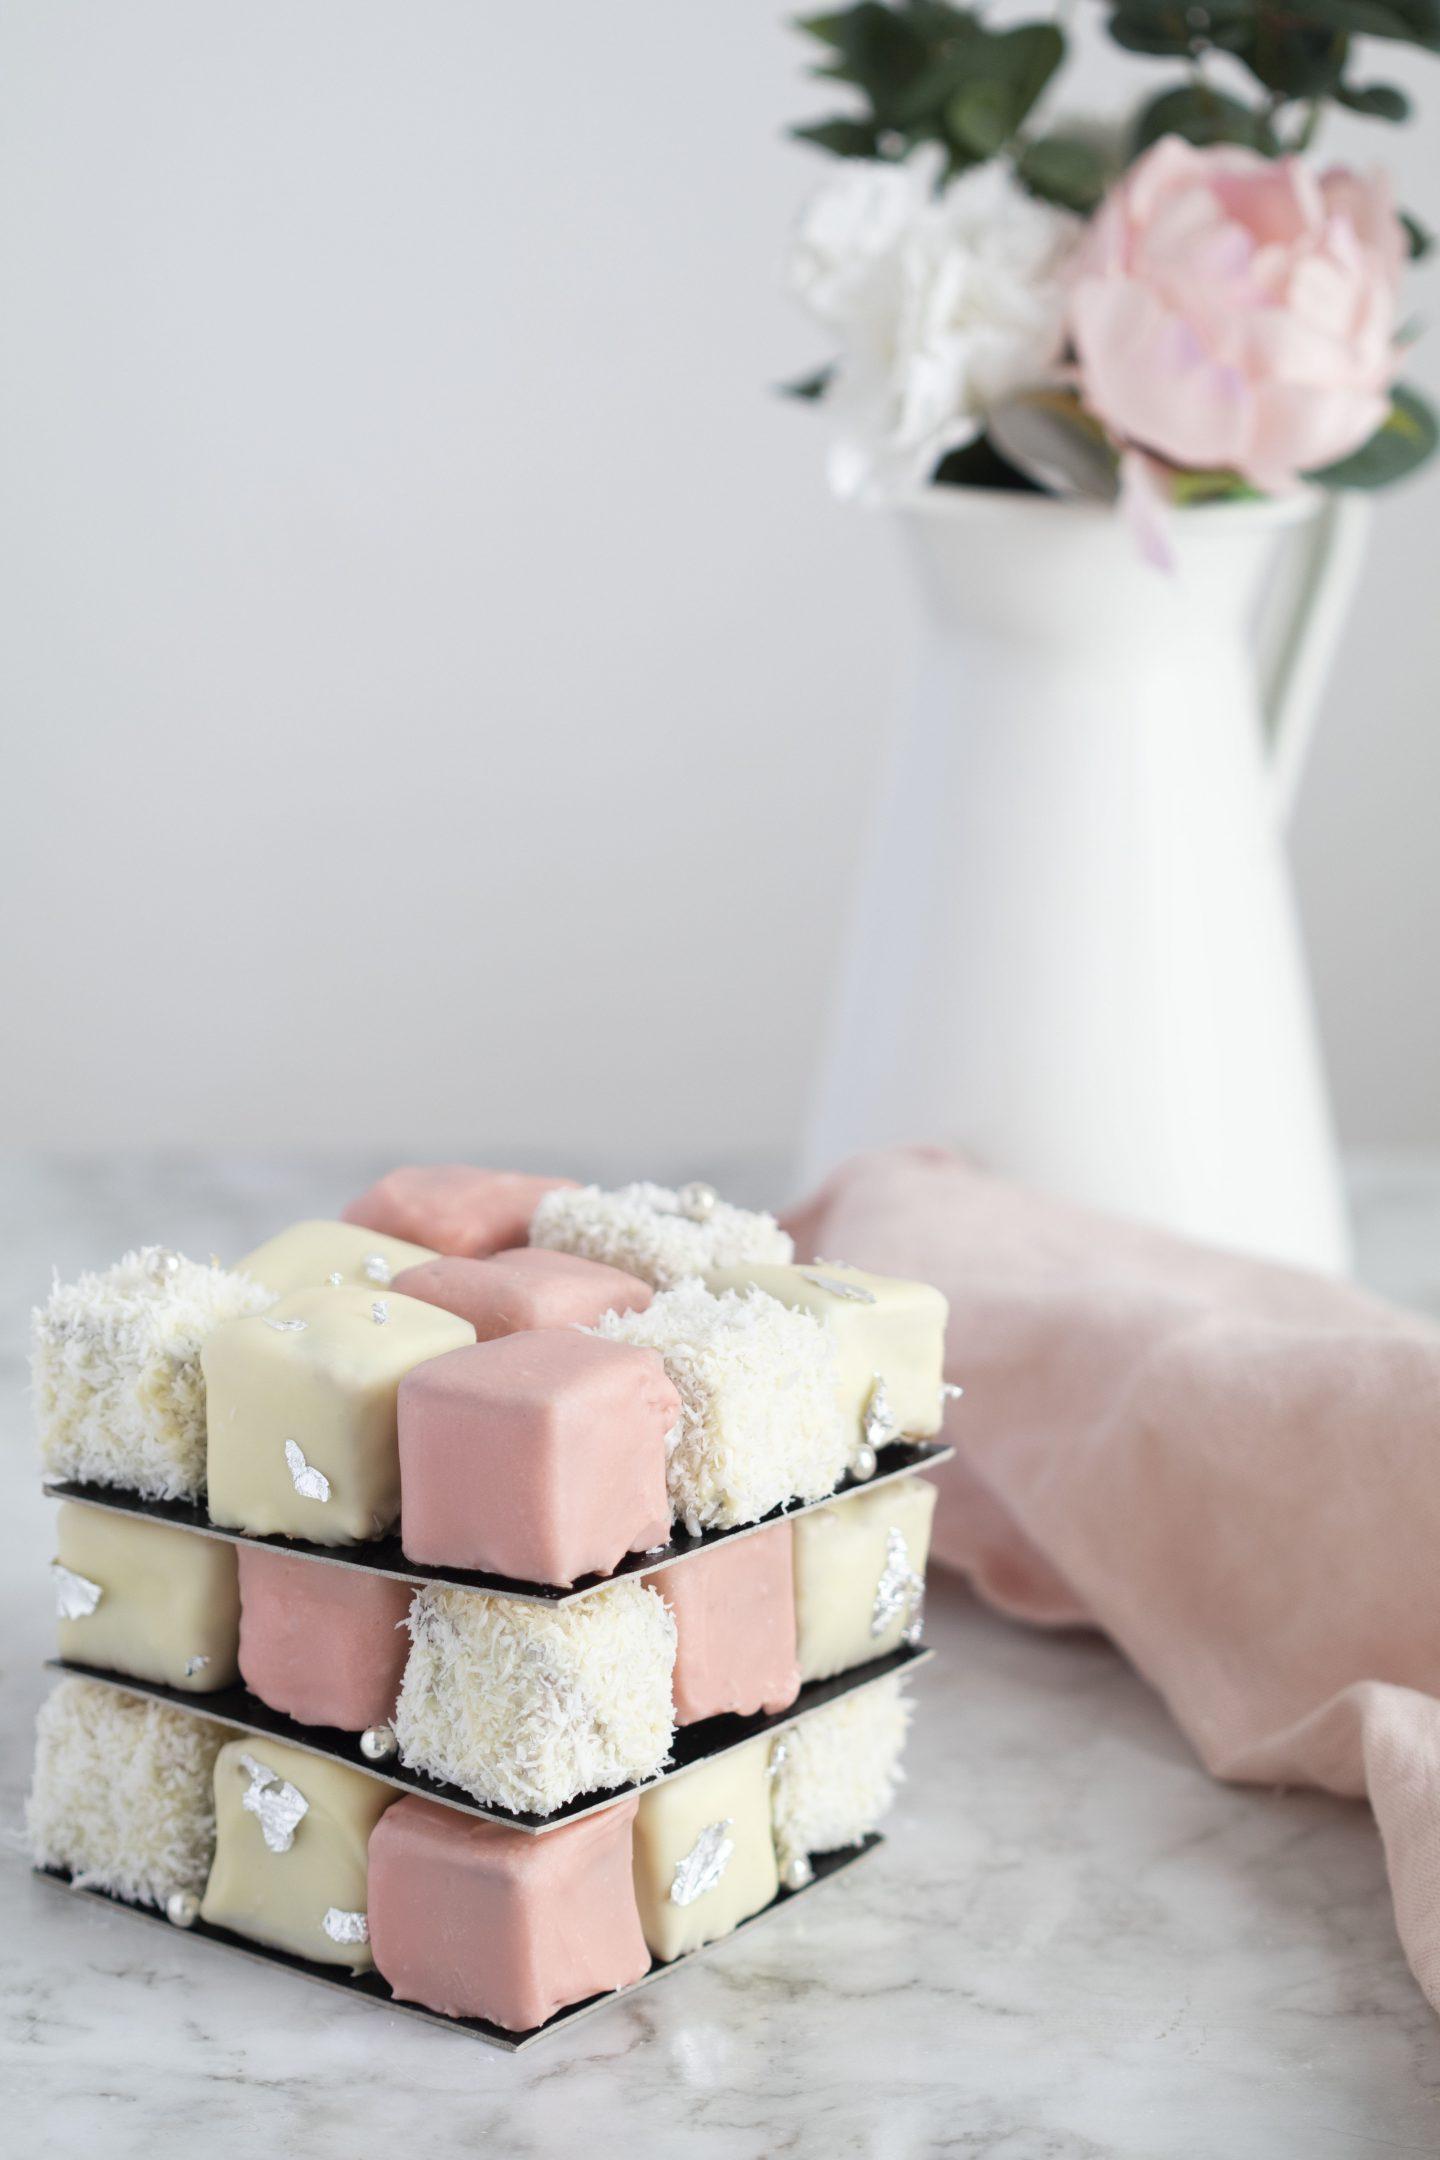 Recette pixcake saint valentin